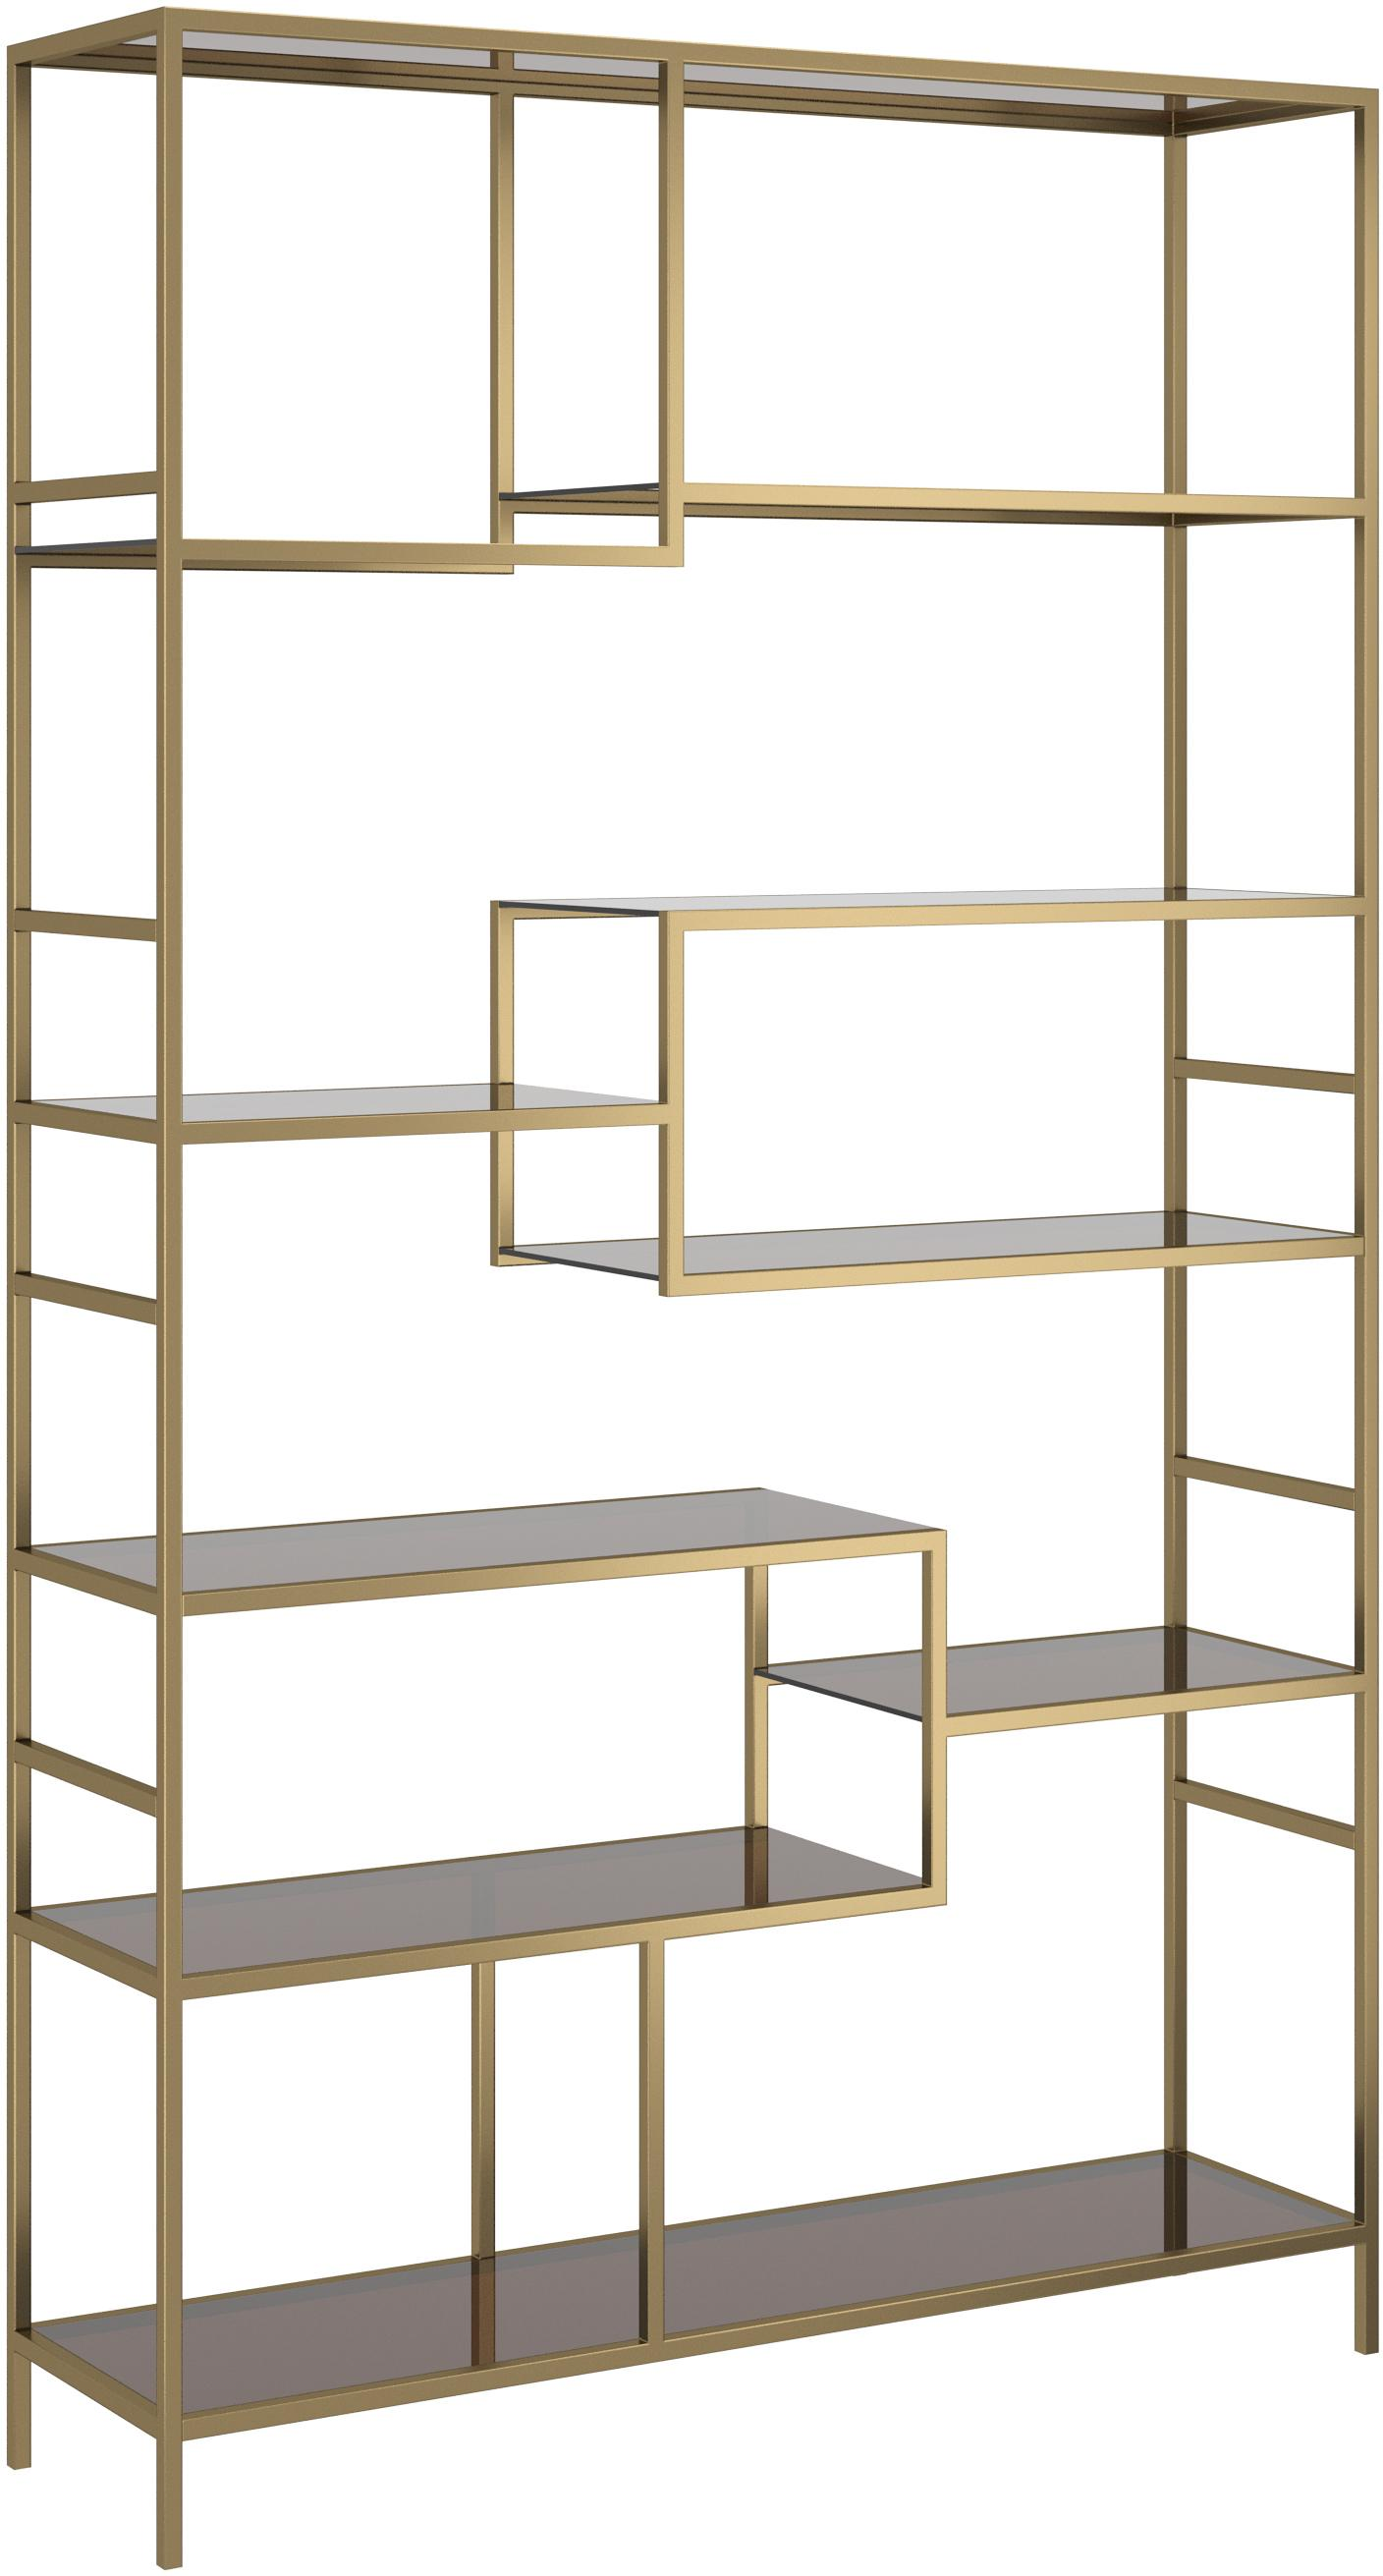 Libreria in metallo ottonato Loft, Struttura: metallo verniciato a polv, Ripiani: vetro temperato colorato, Ottonato, Larg. 115 x Alt. 195 cm